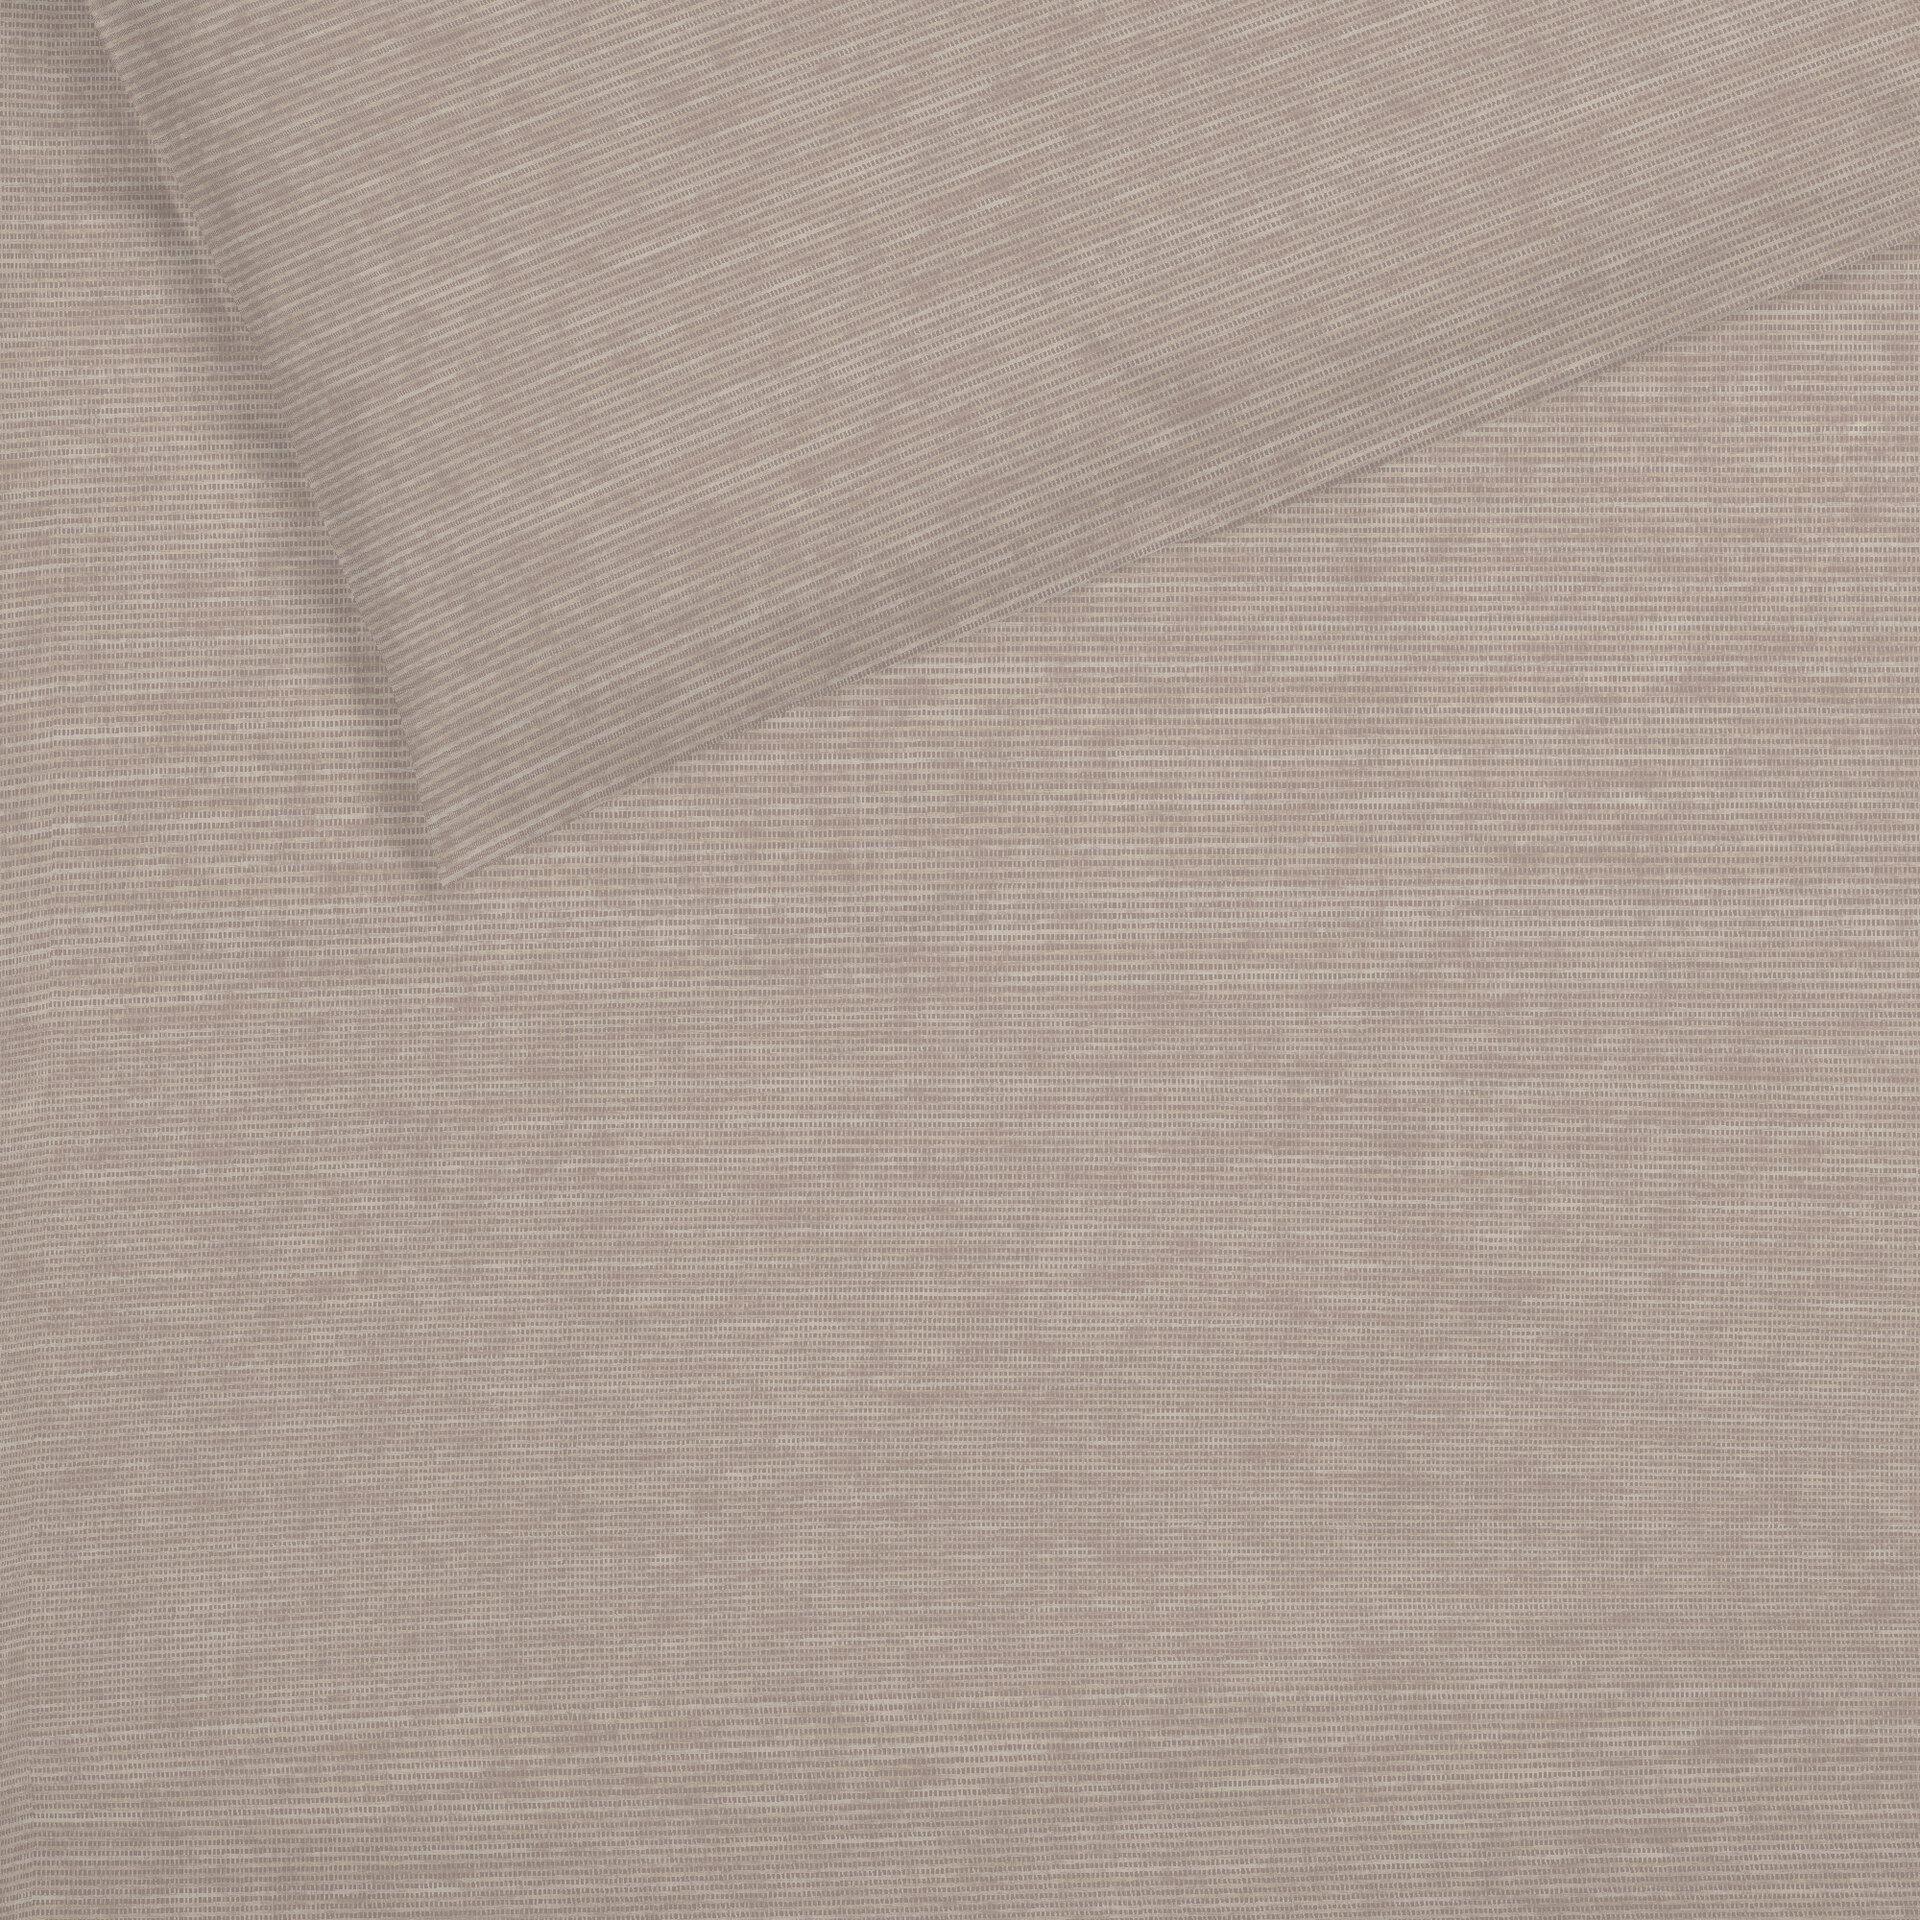 Satin-Bettwäsche Select Schlafgut Textil braun 155 x 220 cm